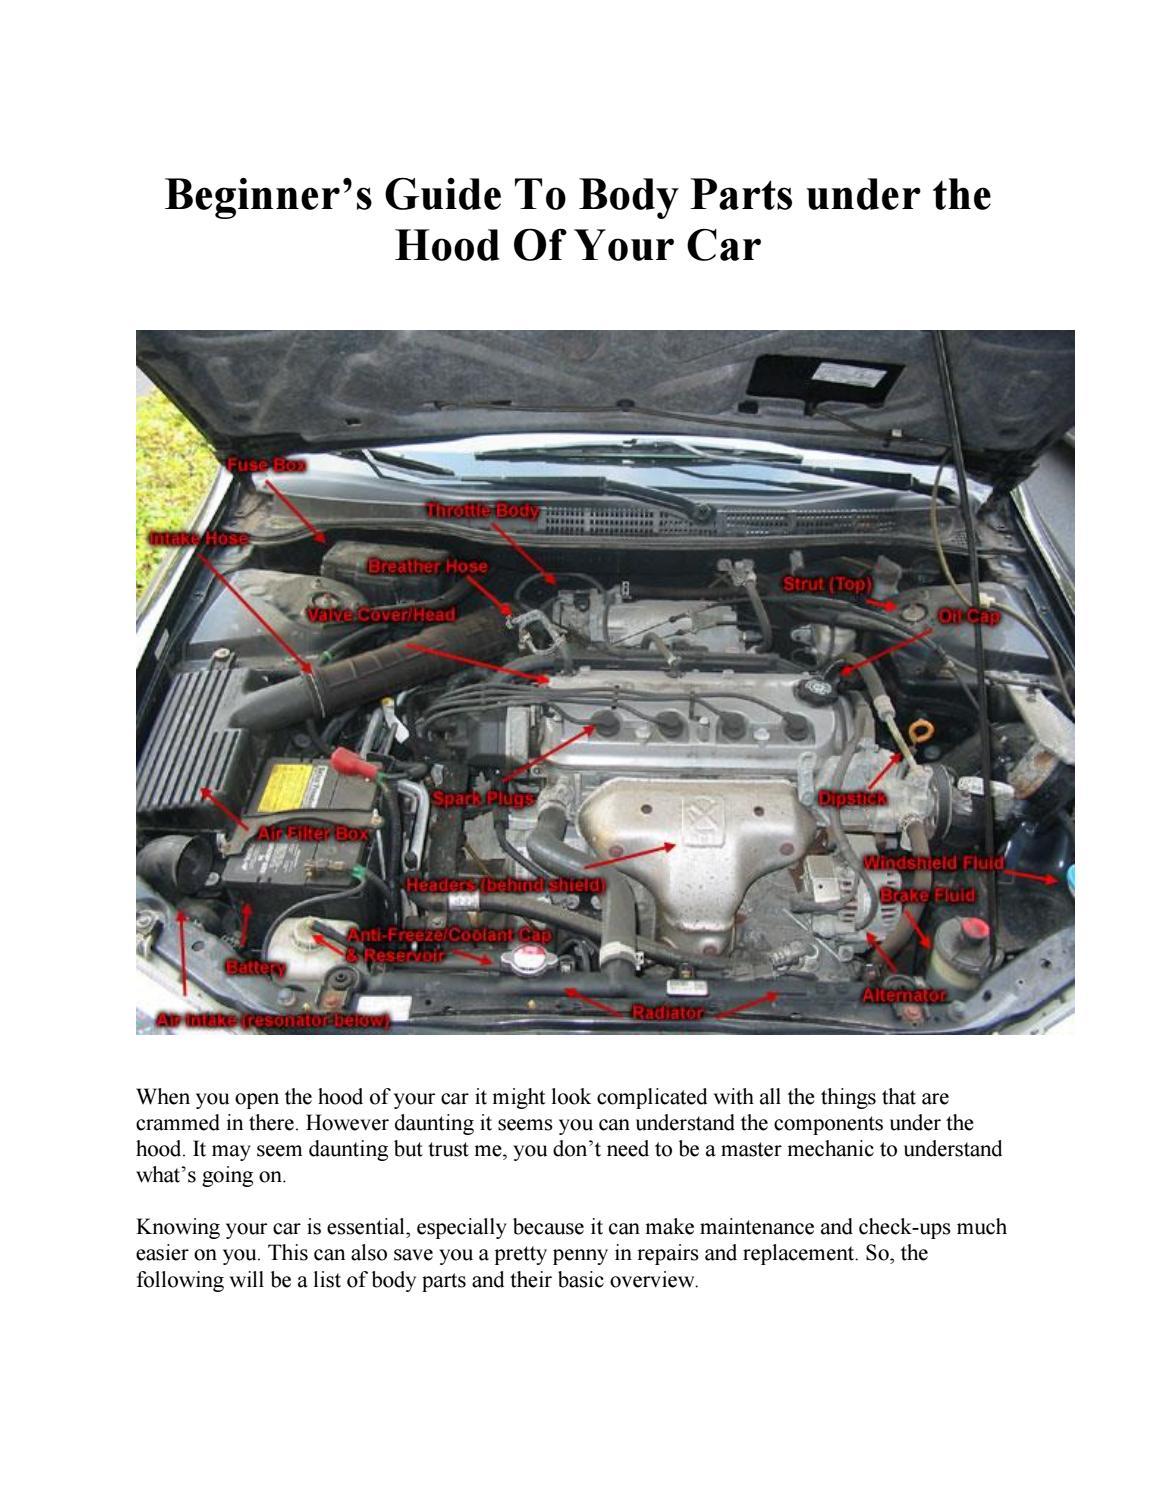 Car Hood Parts